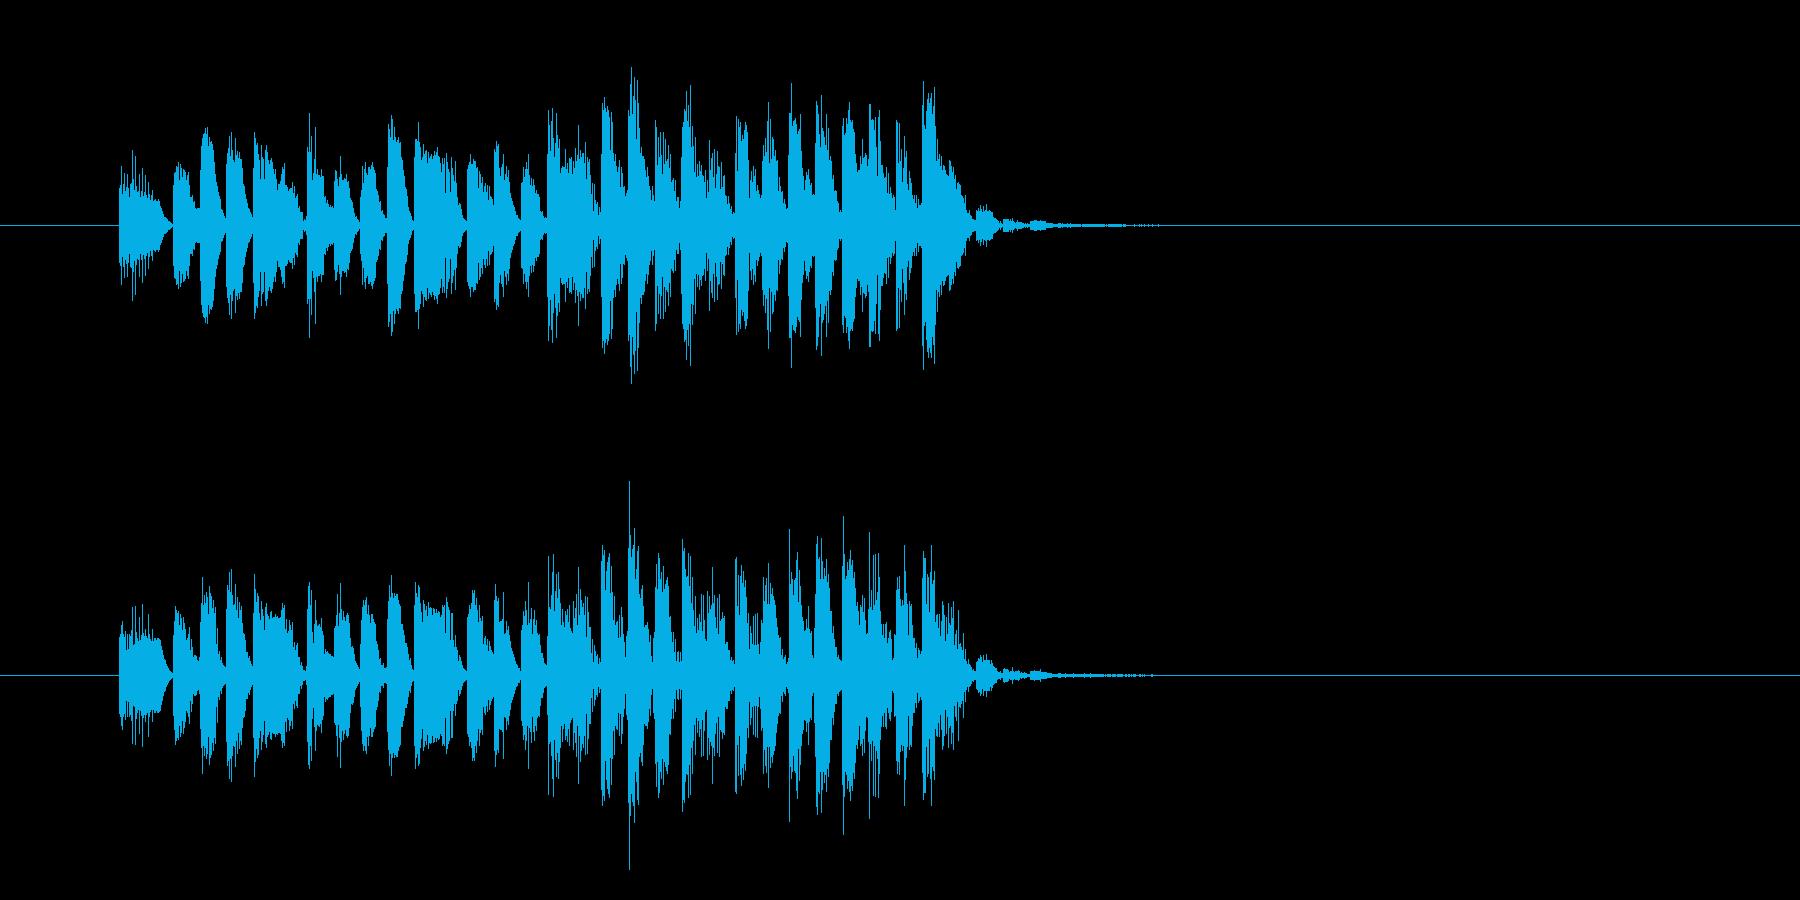 激しく勢いがあるテクノハードロックの再生済みの波形